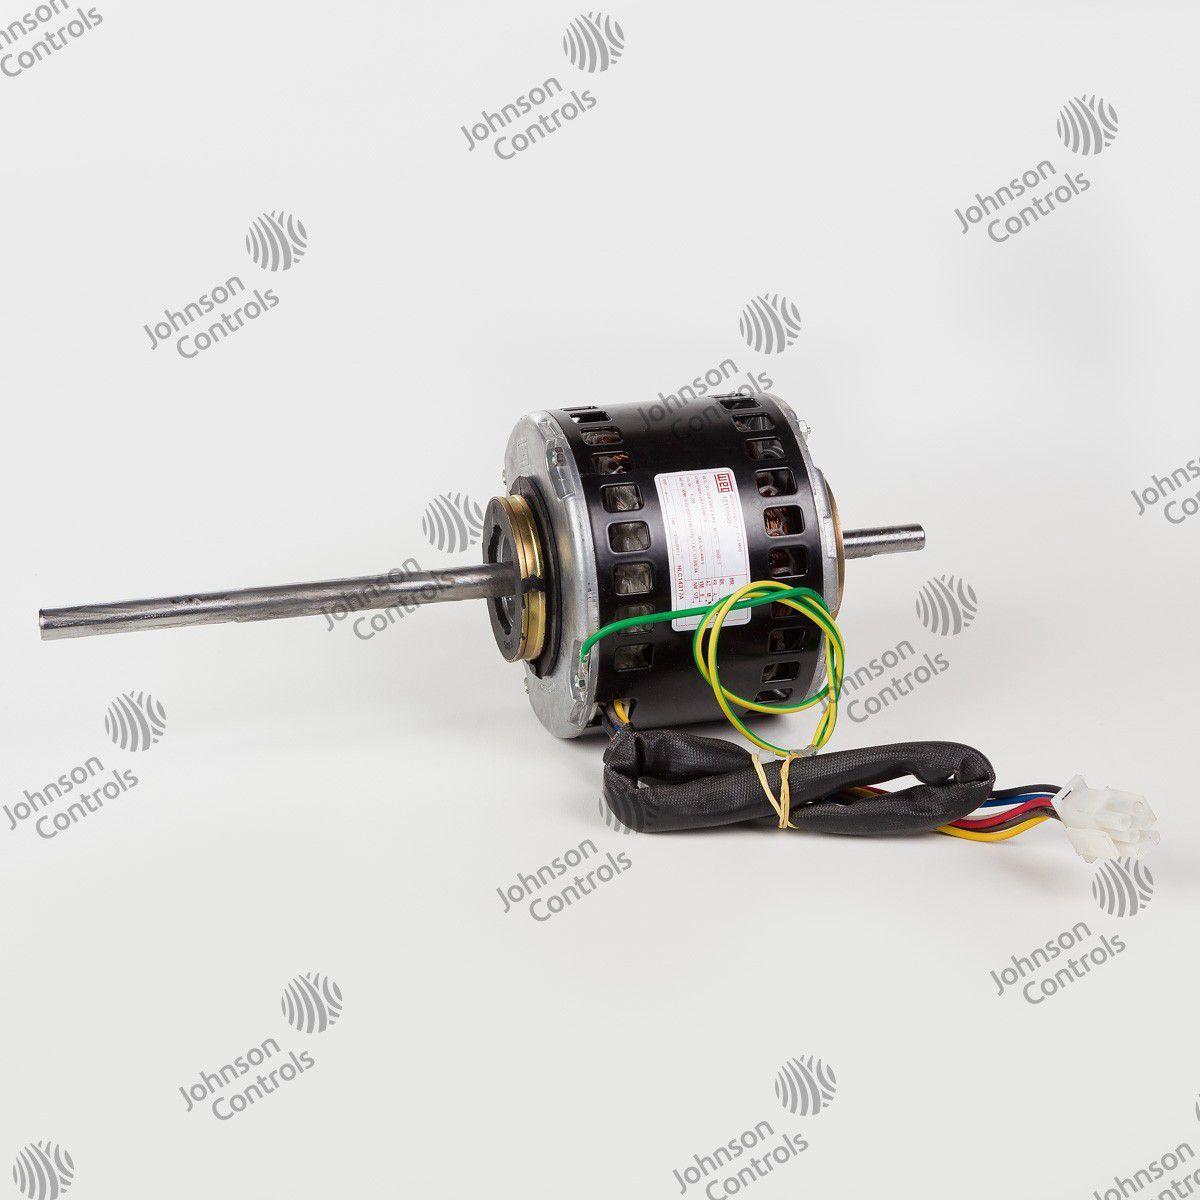 Motor Ventilador Evaporadora Piso Teto Hitachi 30.000 até 36.000 Btus HLC14317A